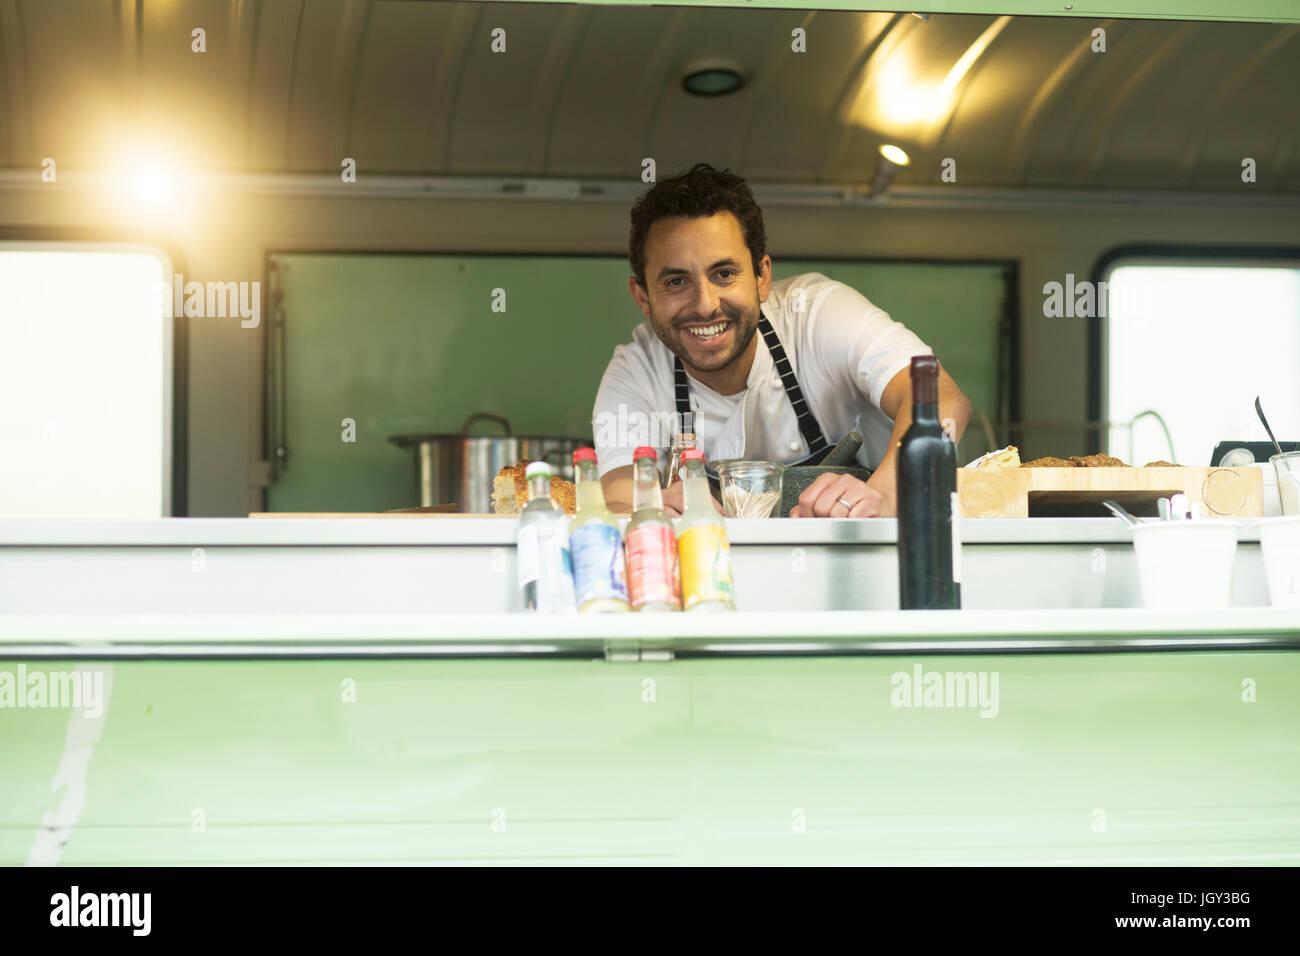 Porträt der Kleinunternehmer in van Essen Stall hatch Stockbild